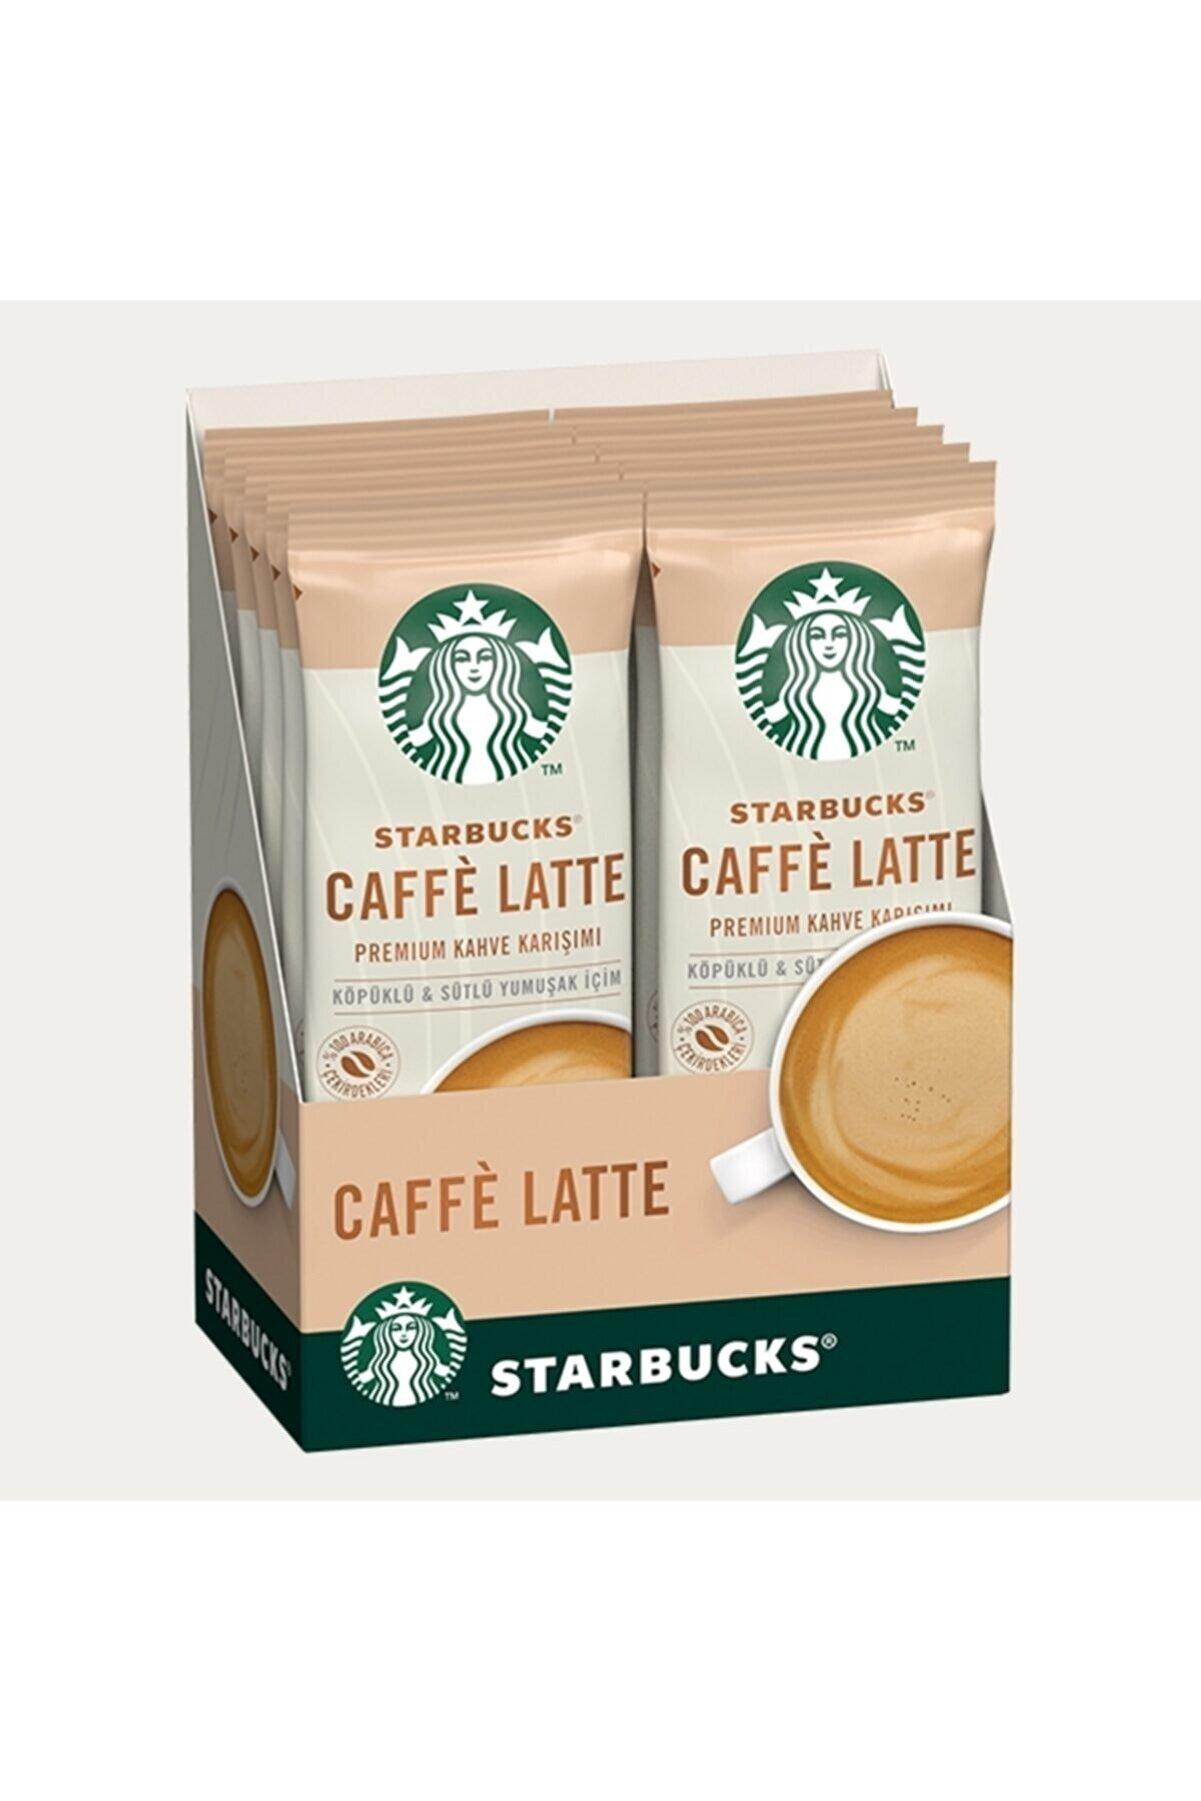 Nestle Starbucks Caffe Latte Sınırlı Üretim Premium Kahve Karışımı Seti  10 Adet